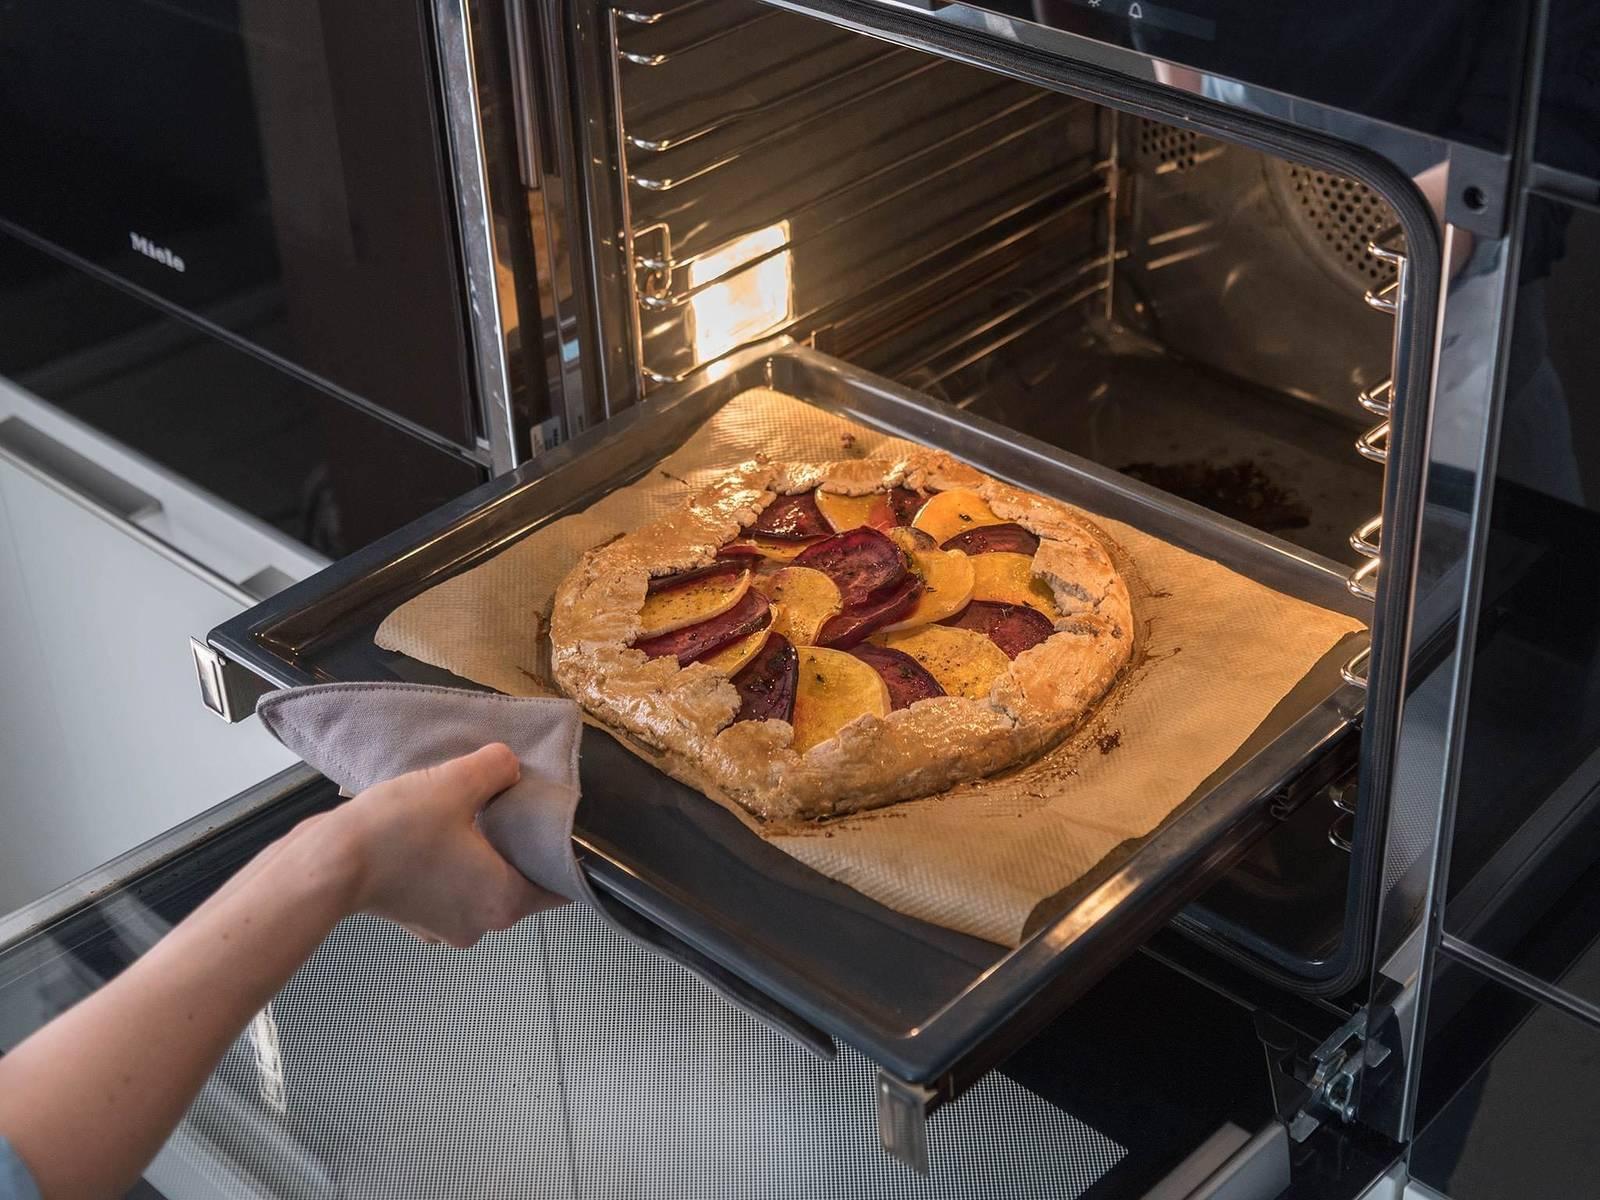 Den Teig mit Milch bepinseln. Galette für ca. 40 Min. bei 180°C im Ofen goldbraun backen. Aus dem Backofen nehmen, abkühlen lassen und warm servieren. Guten Appetit!